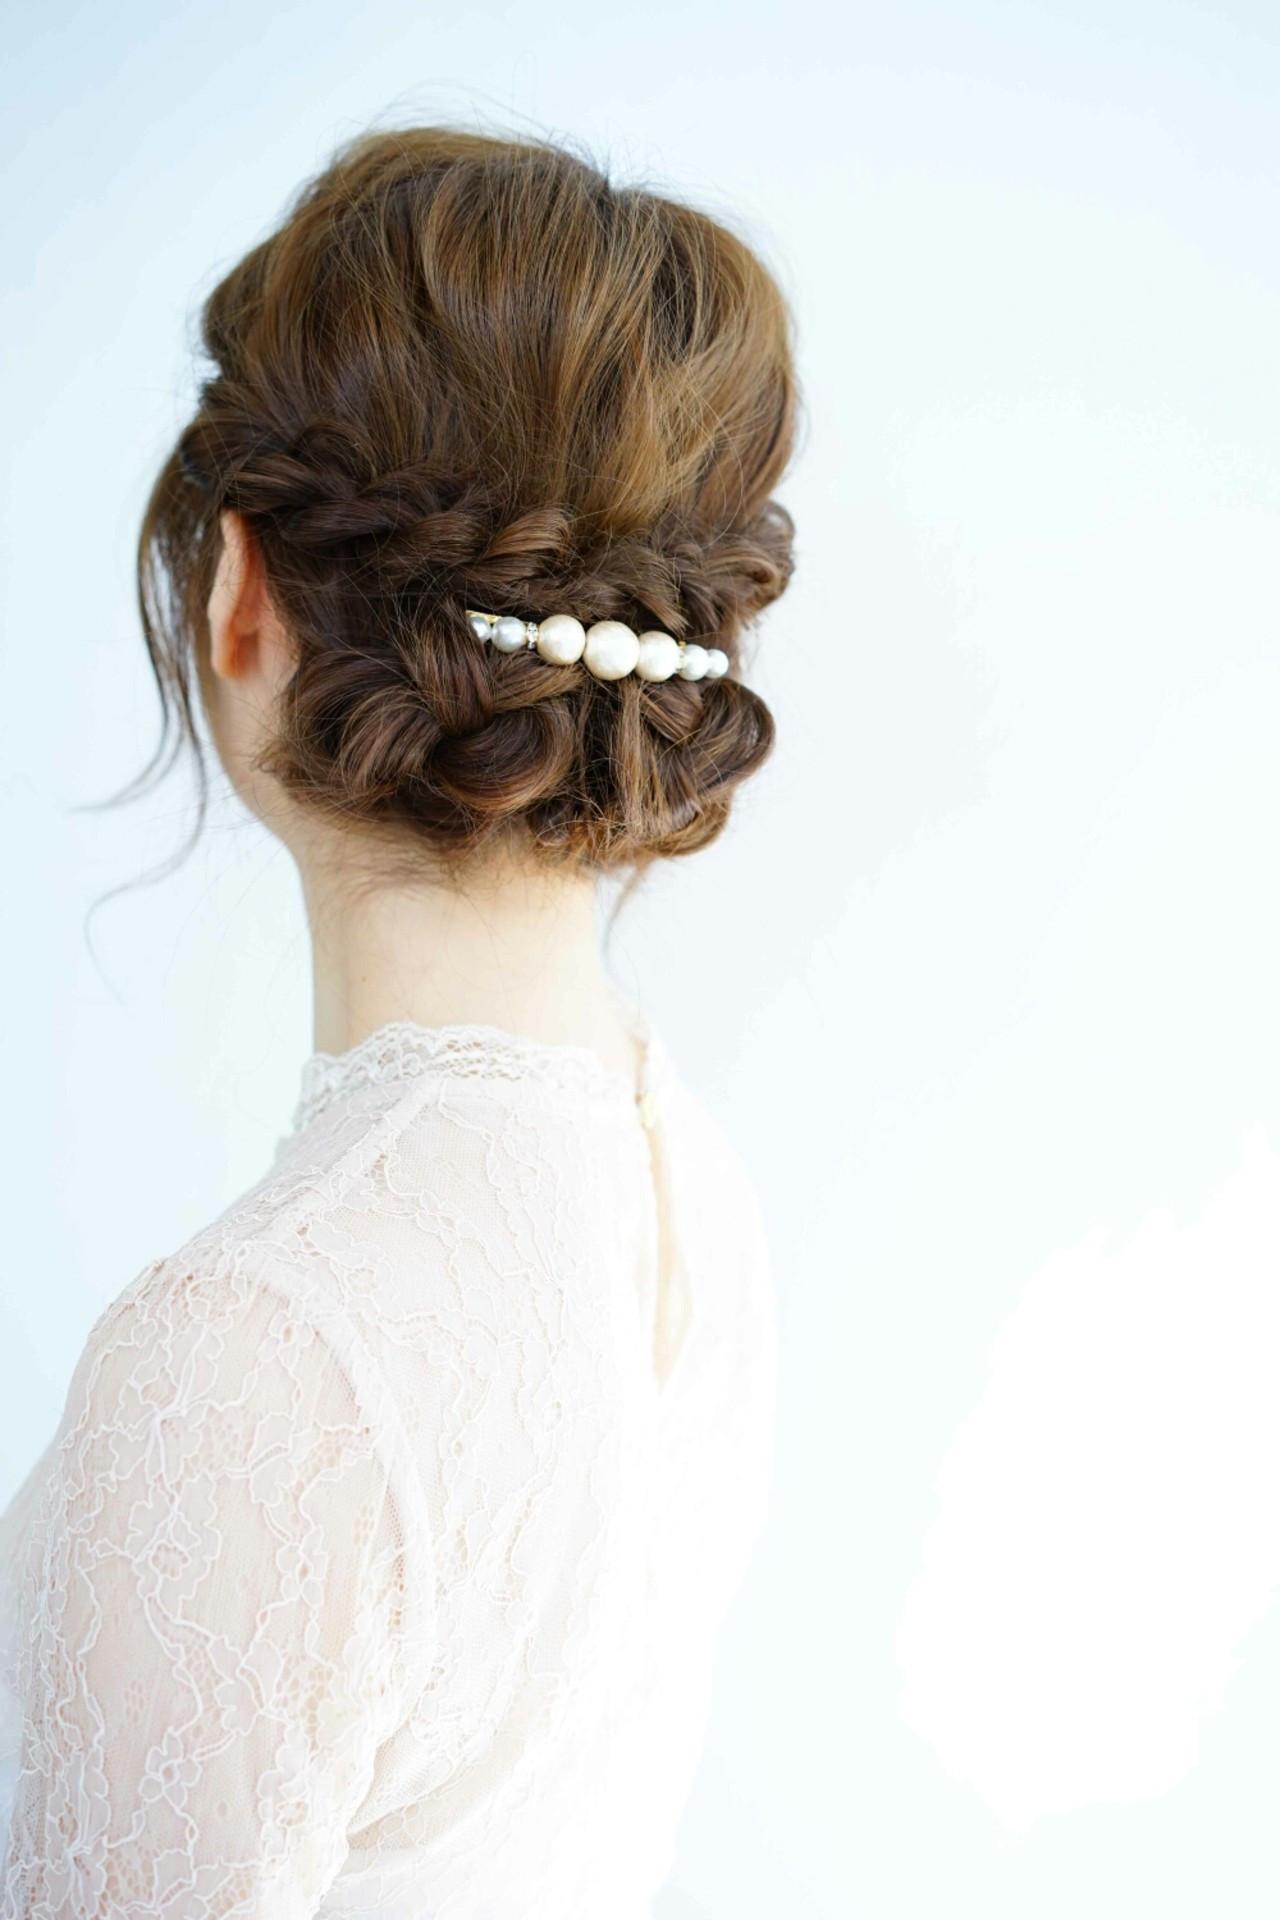 三つ編み×ギブソンタックの上品スタイル Ciel Hairdesign 代表 今田 亮 | Ciel Hairdesign(シエルヘアーデザイン)